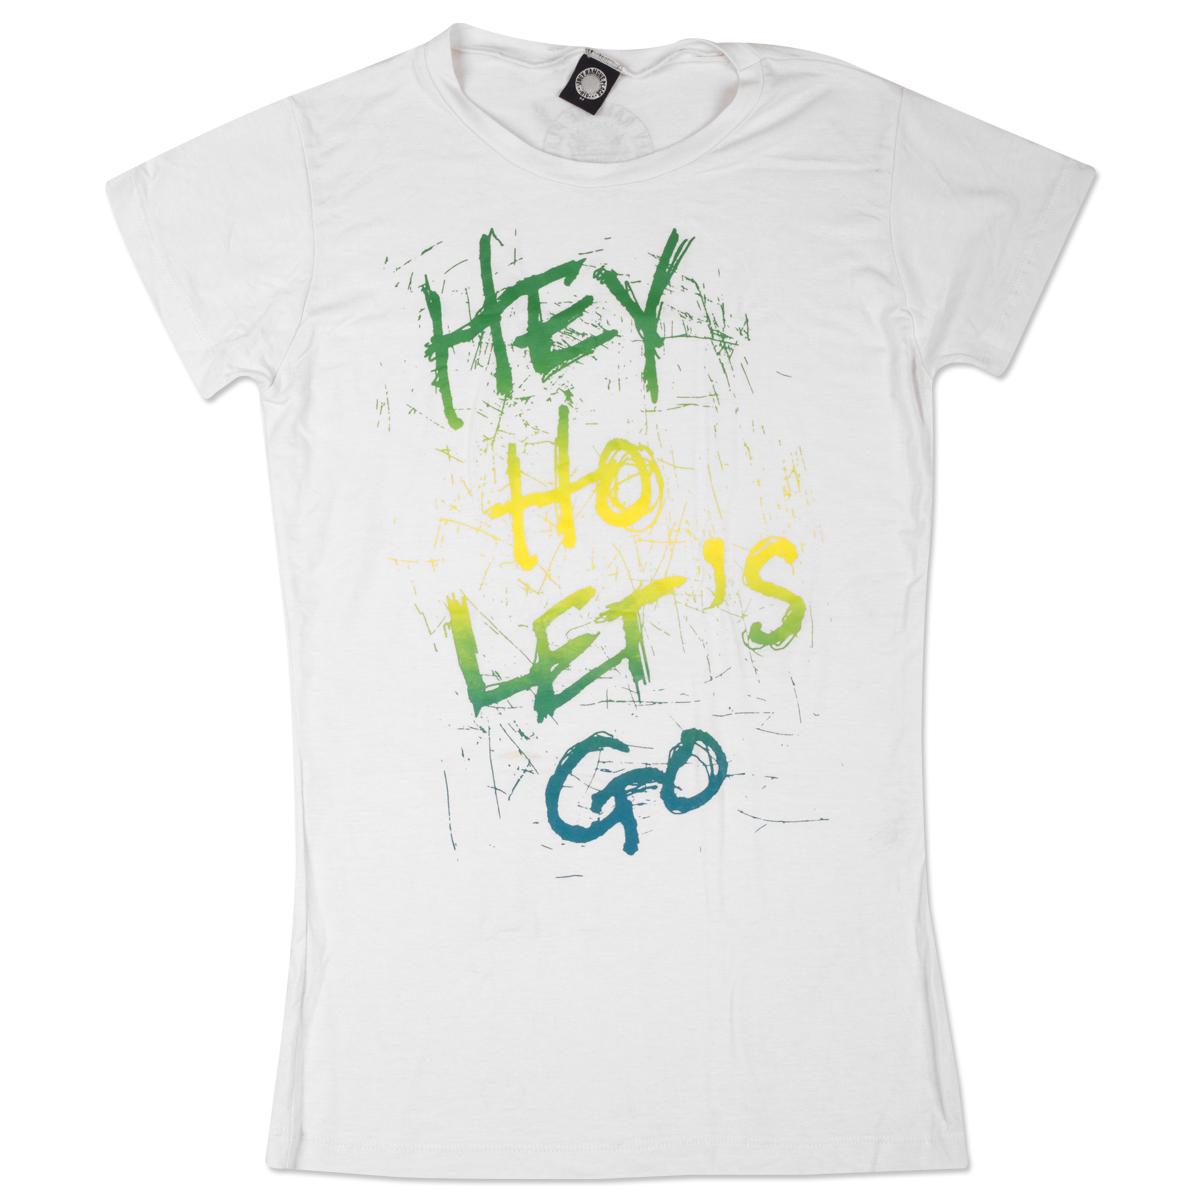 Ramones White Tee (green, blue, yellow writing)